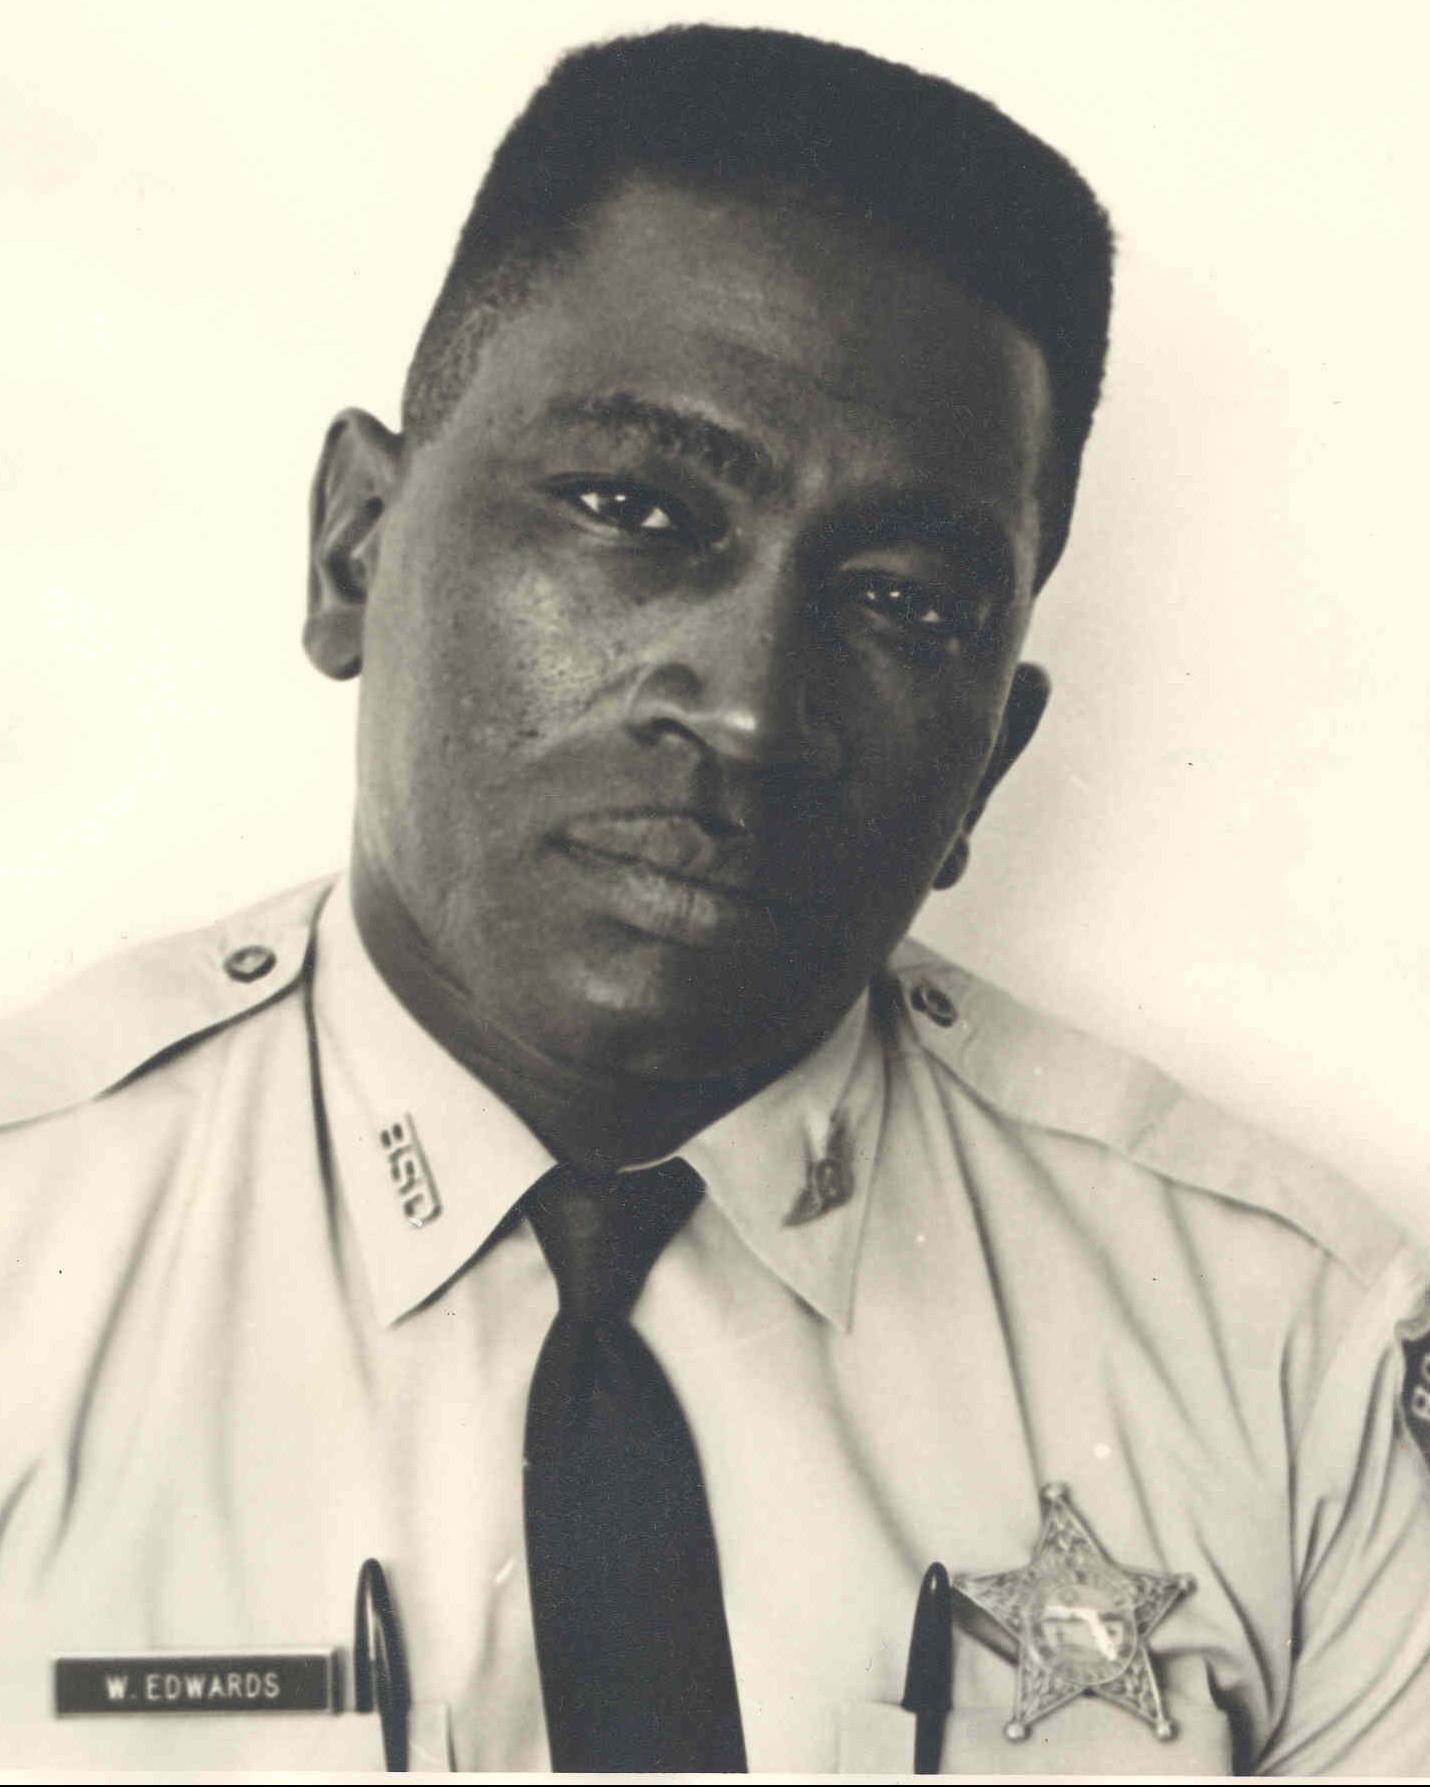 Deputy Sheriff Worth